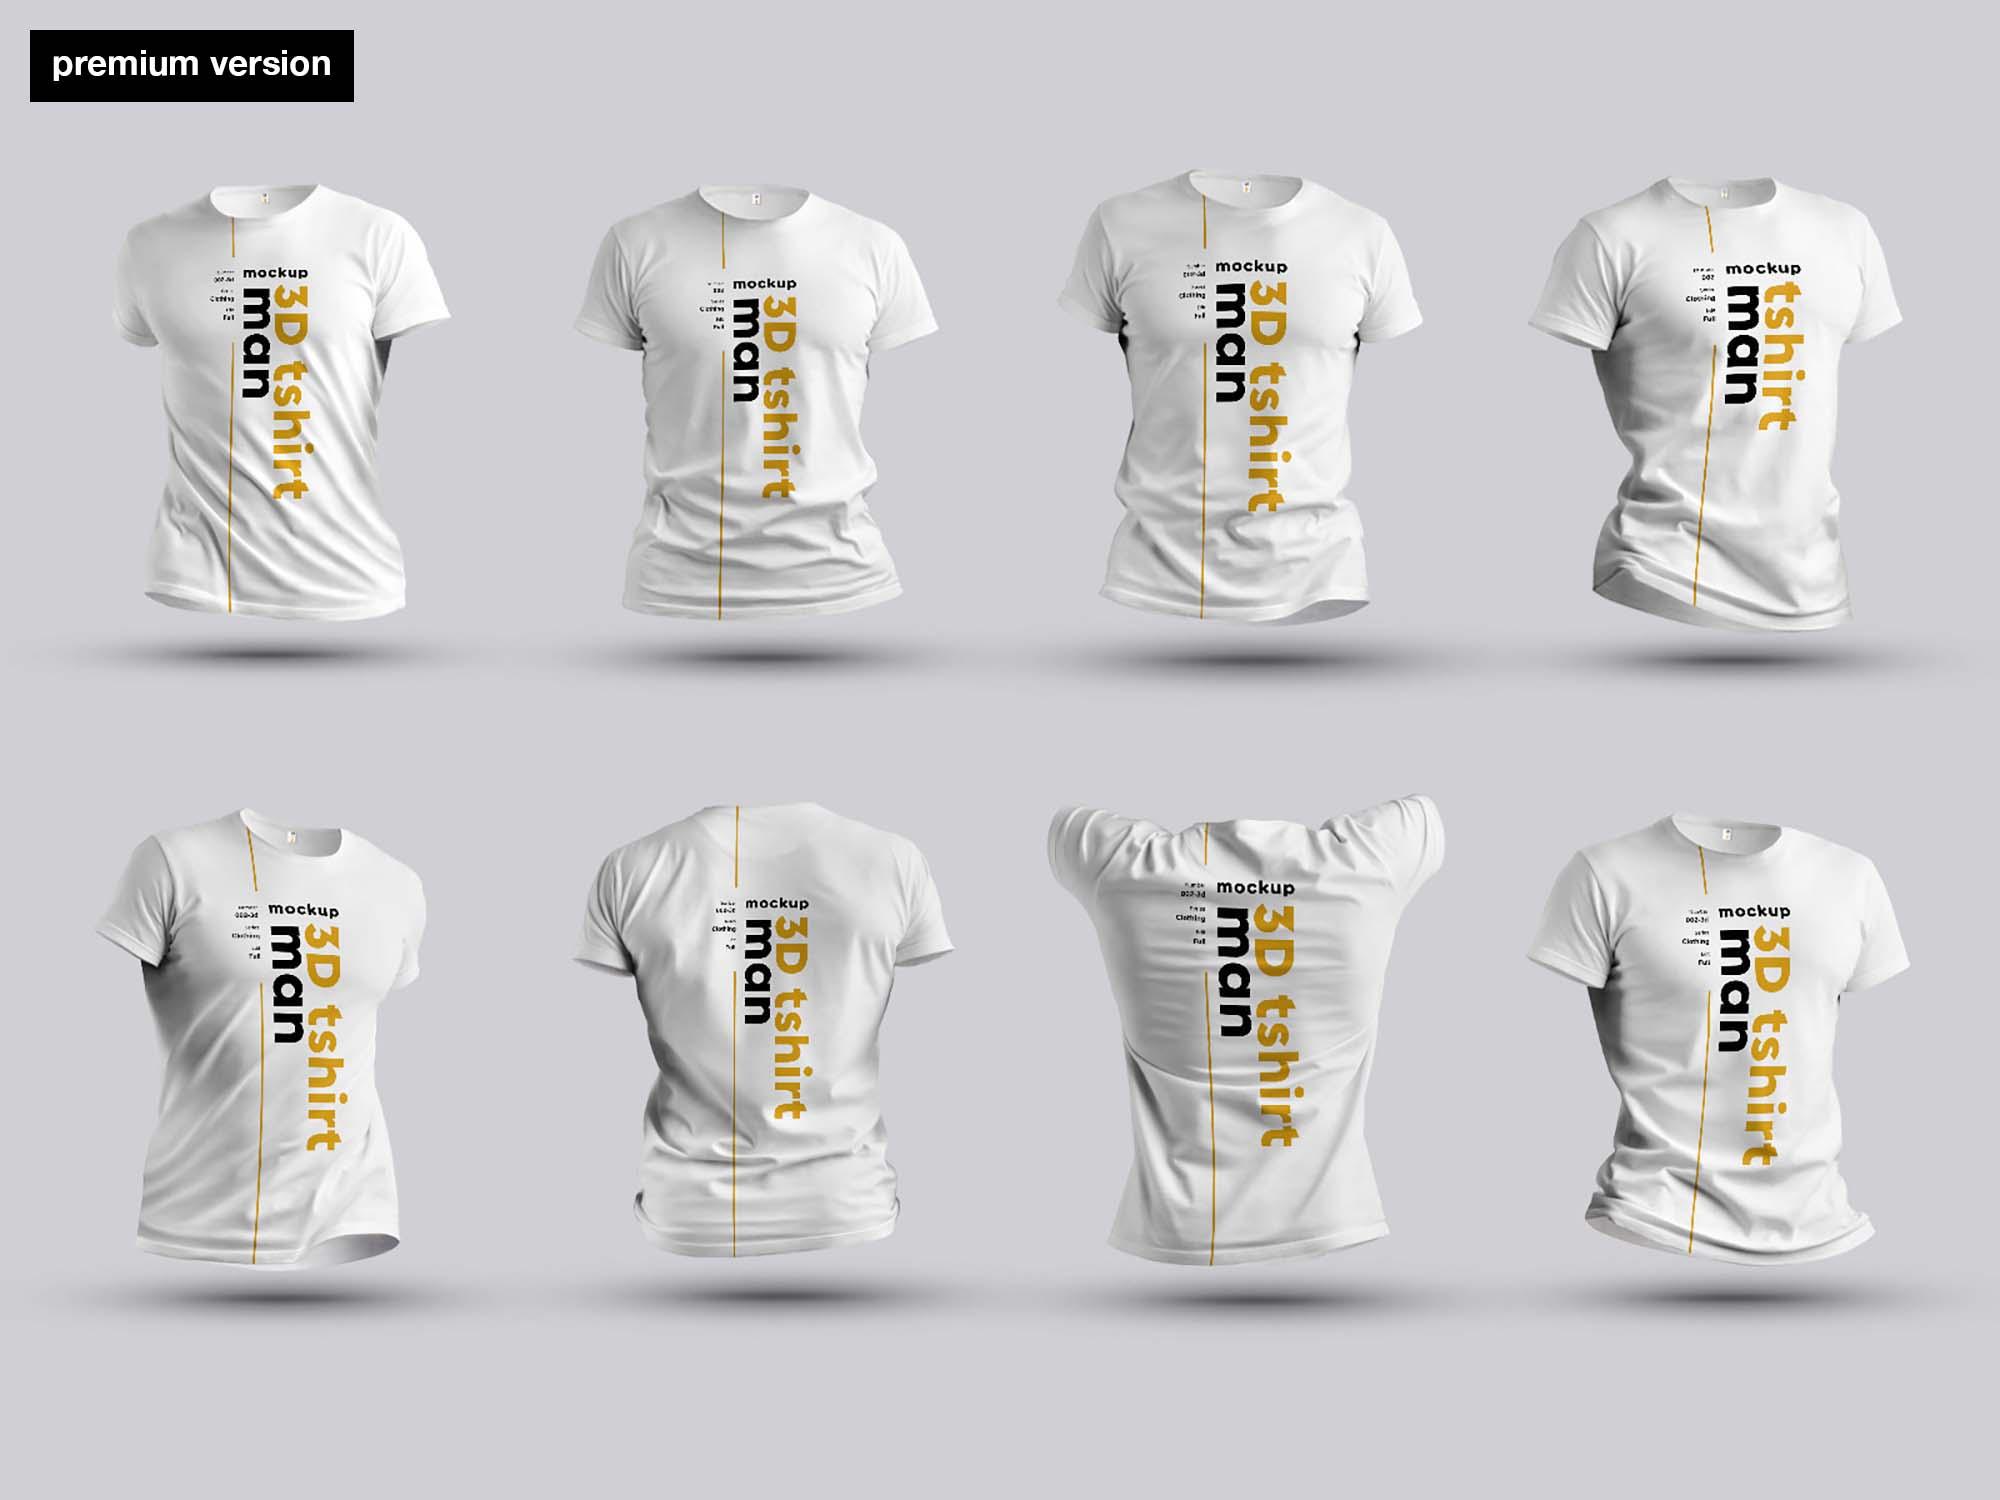 Men's T-shirt Mockup - Premium 1